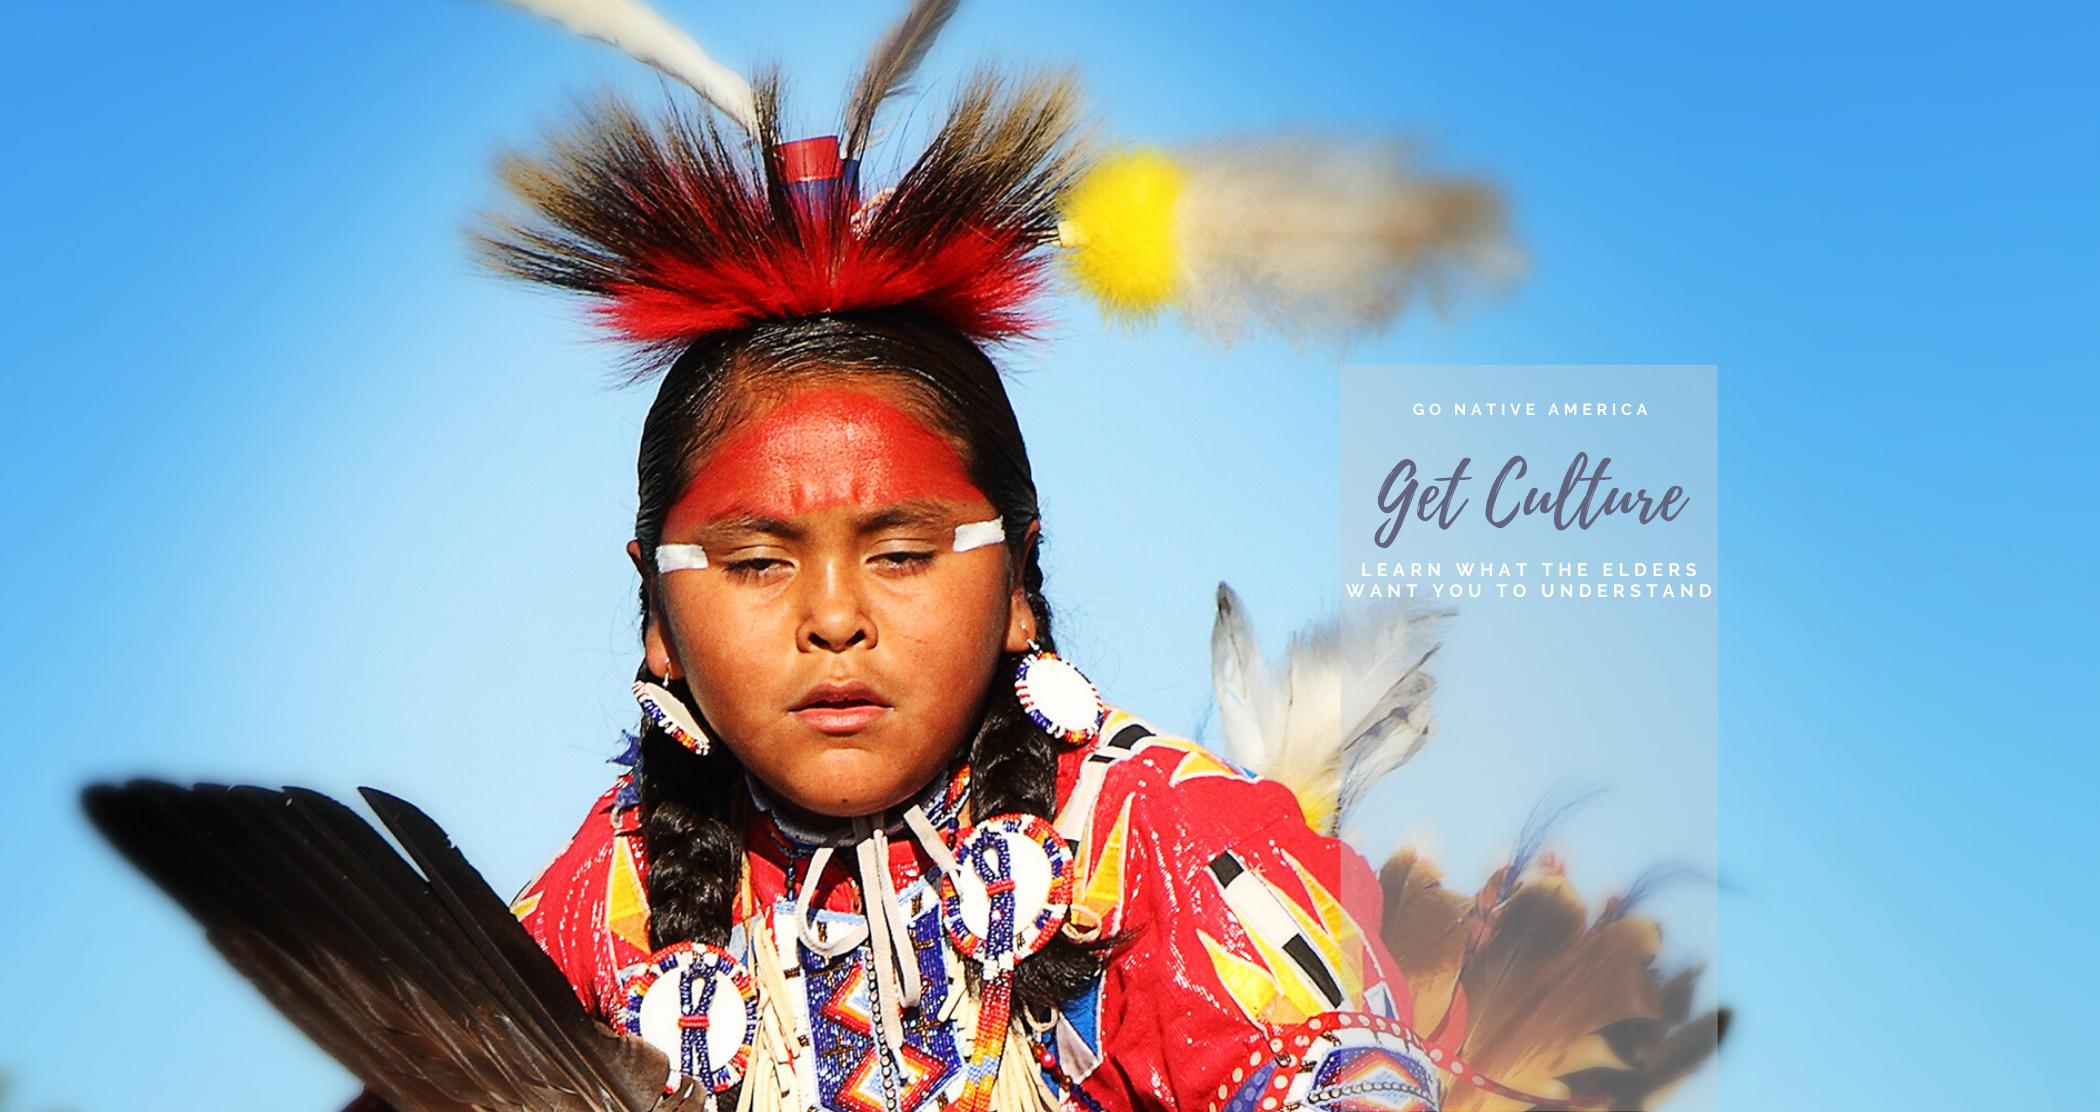 Go Native America - Get Culture